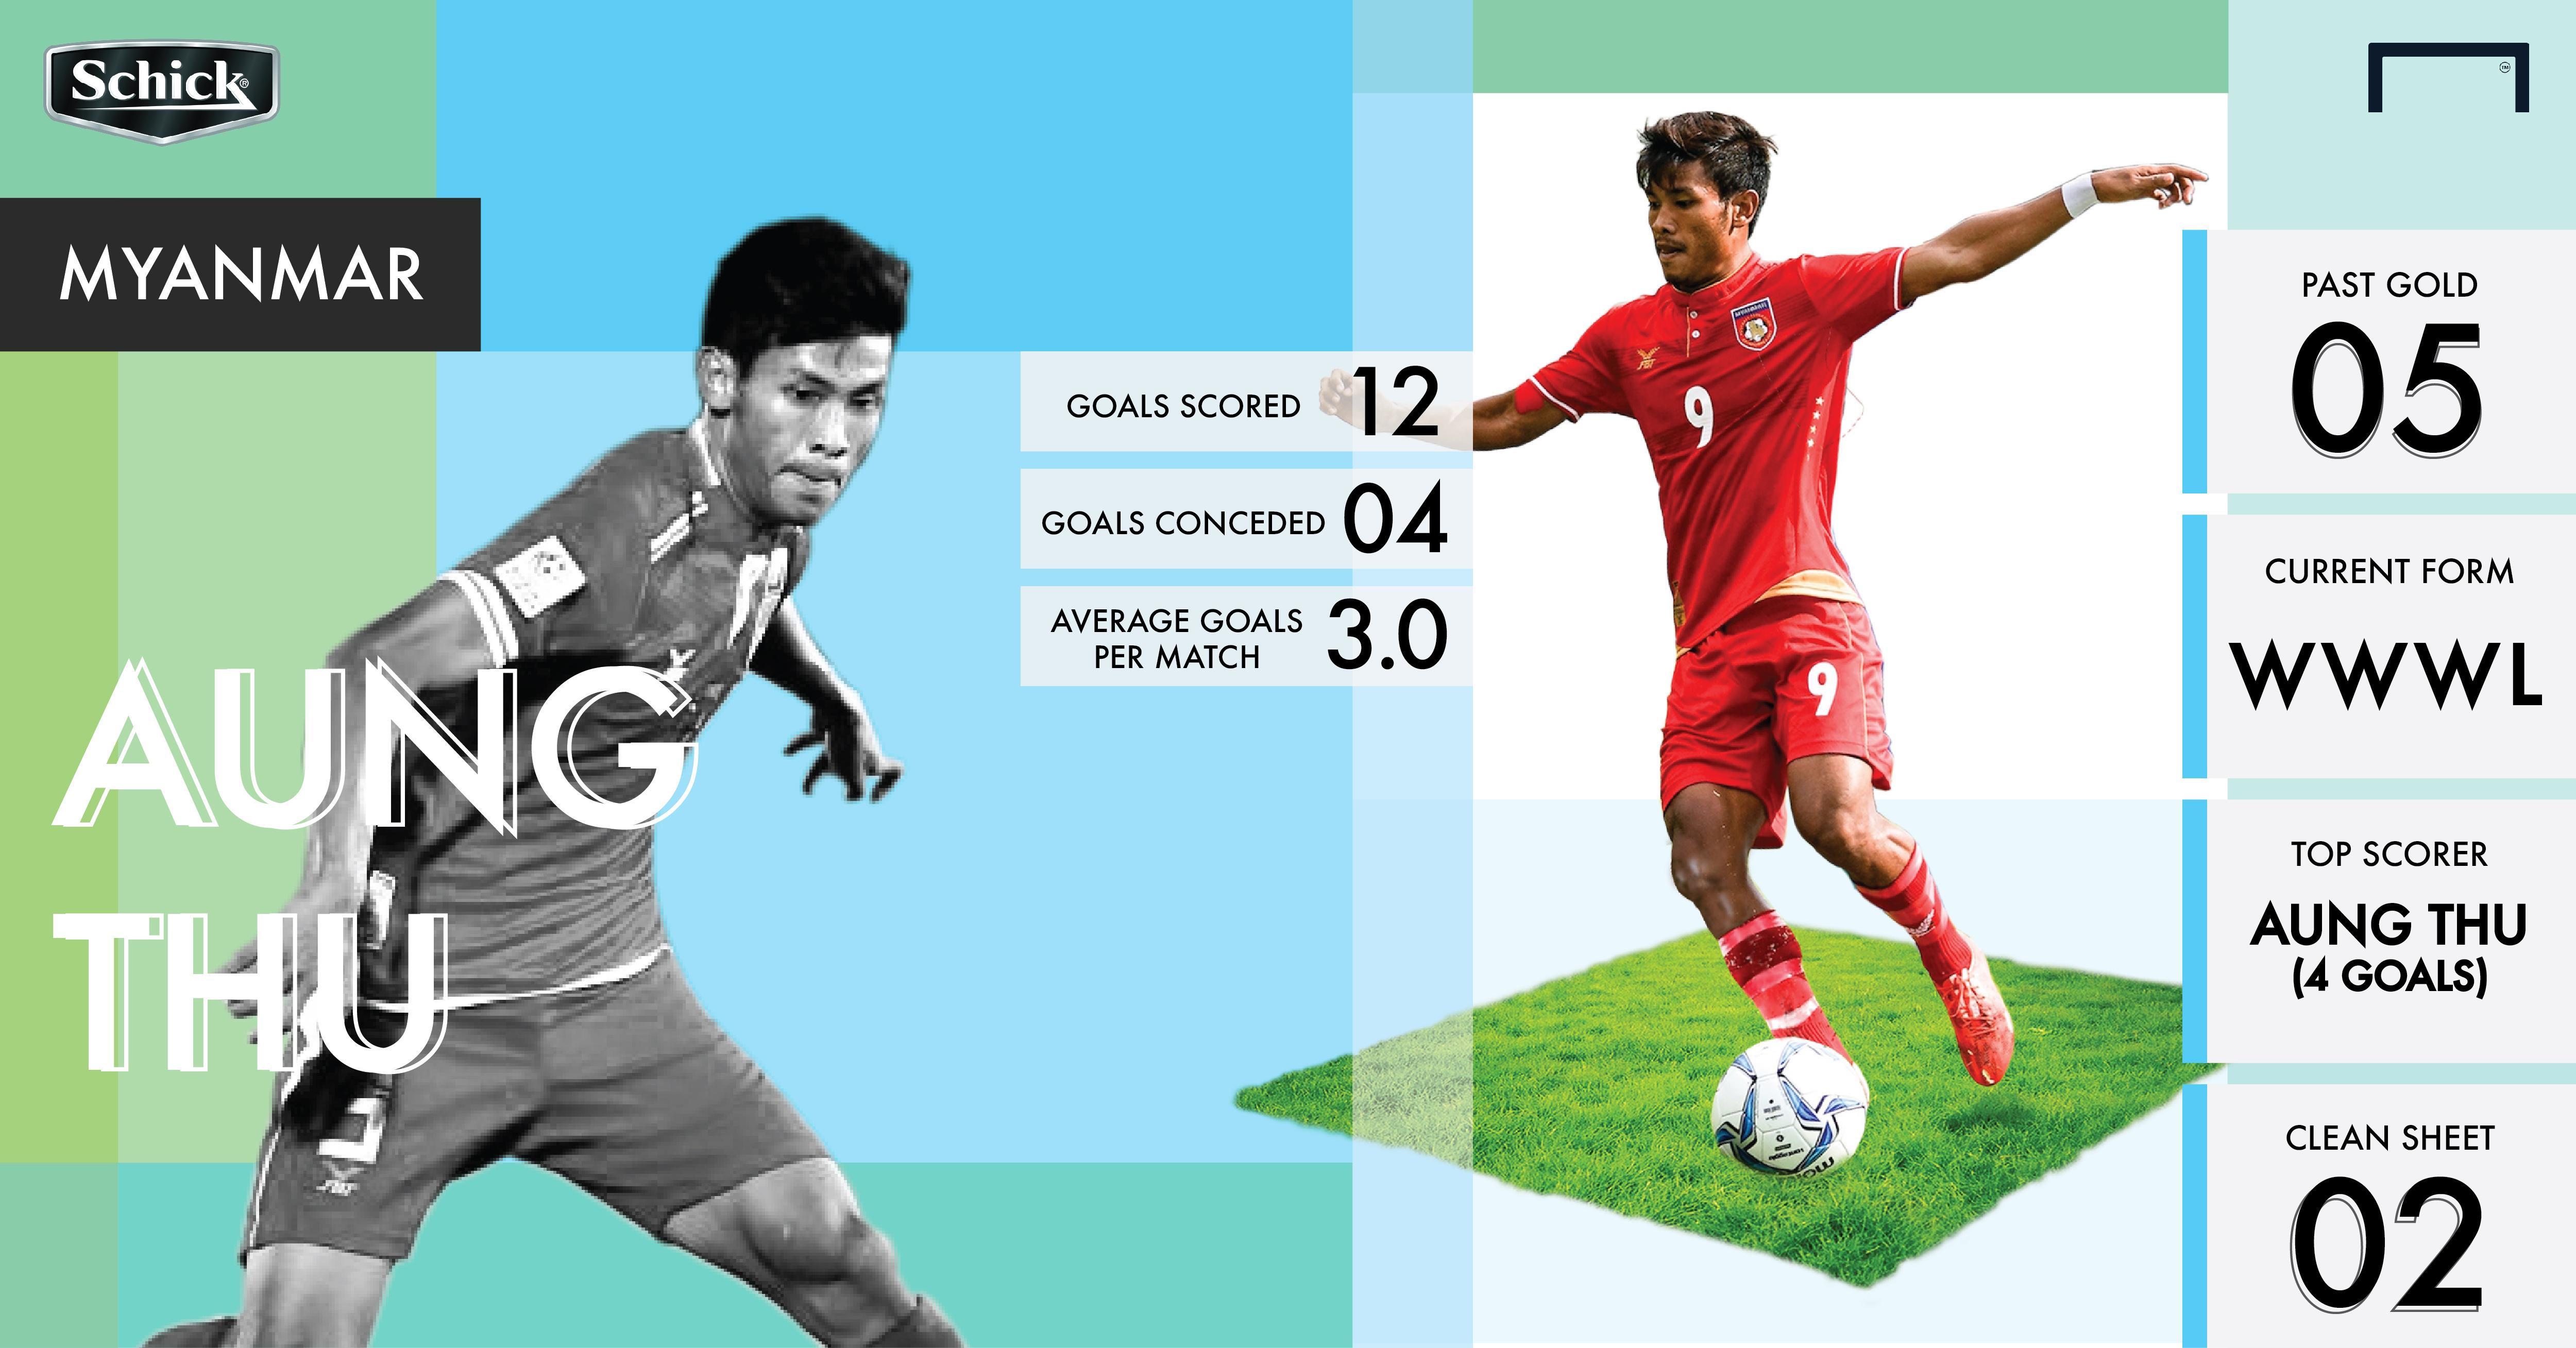 Myanmar, Schick, commercial, SEA Games